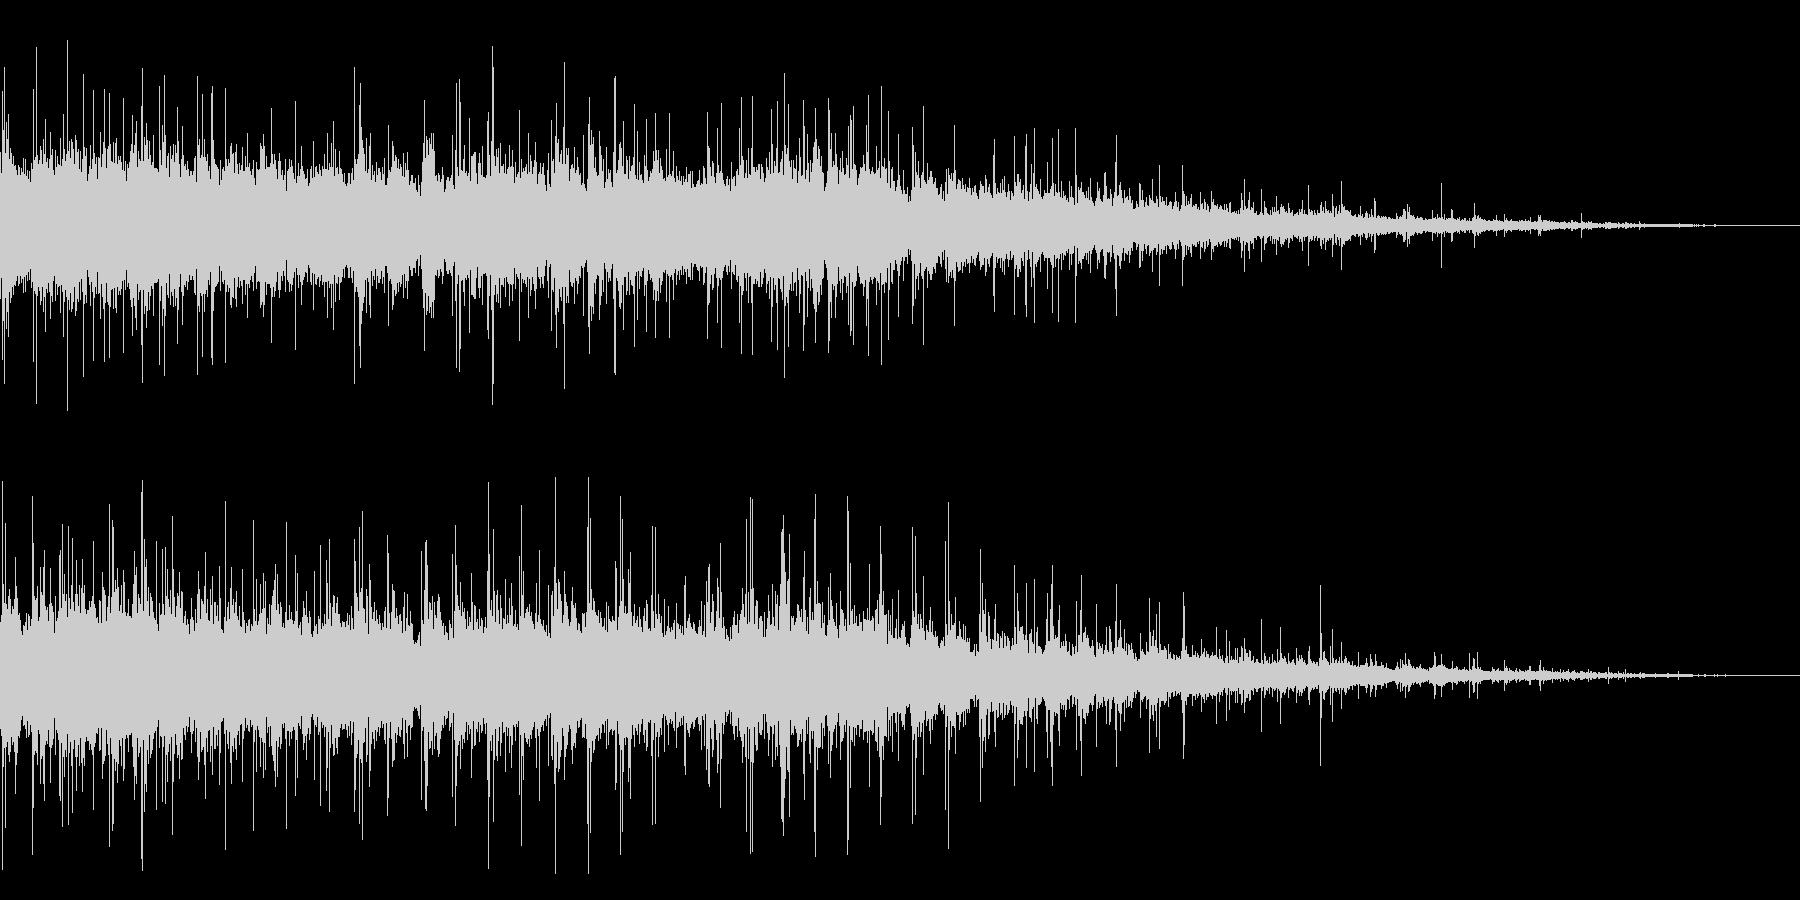 拍手の効果音(中規模/劇場/舞台)08の未再生の波形